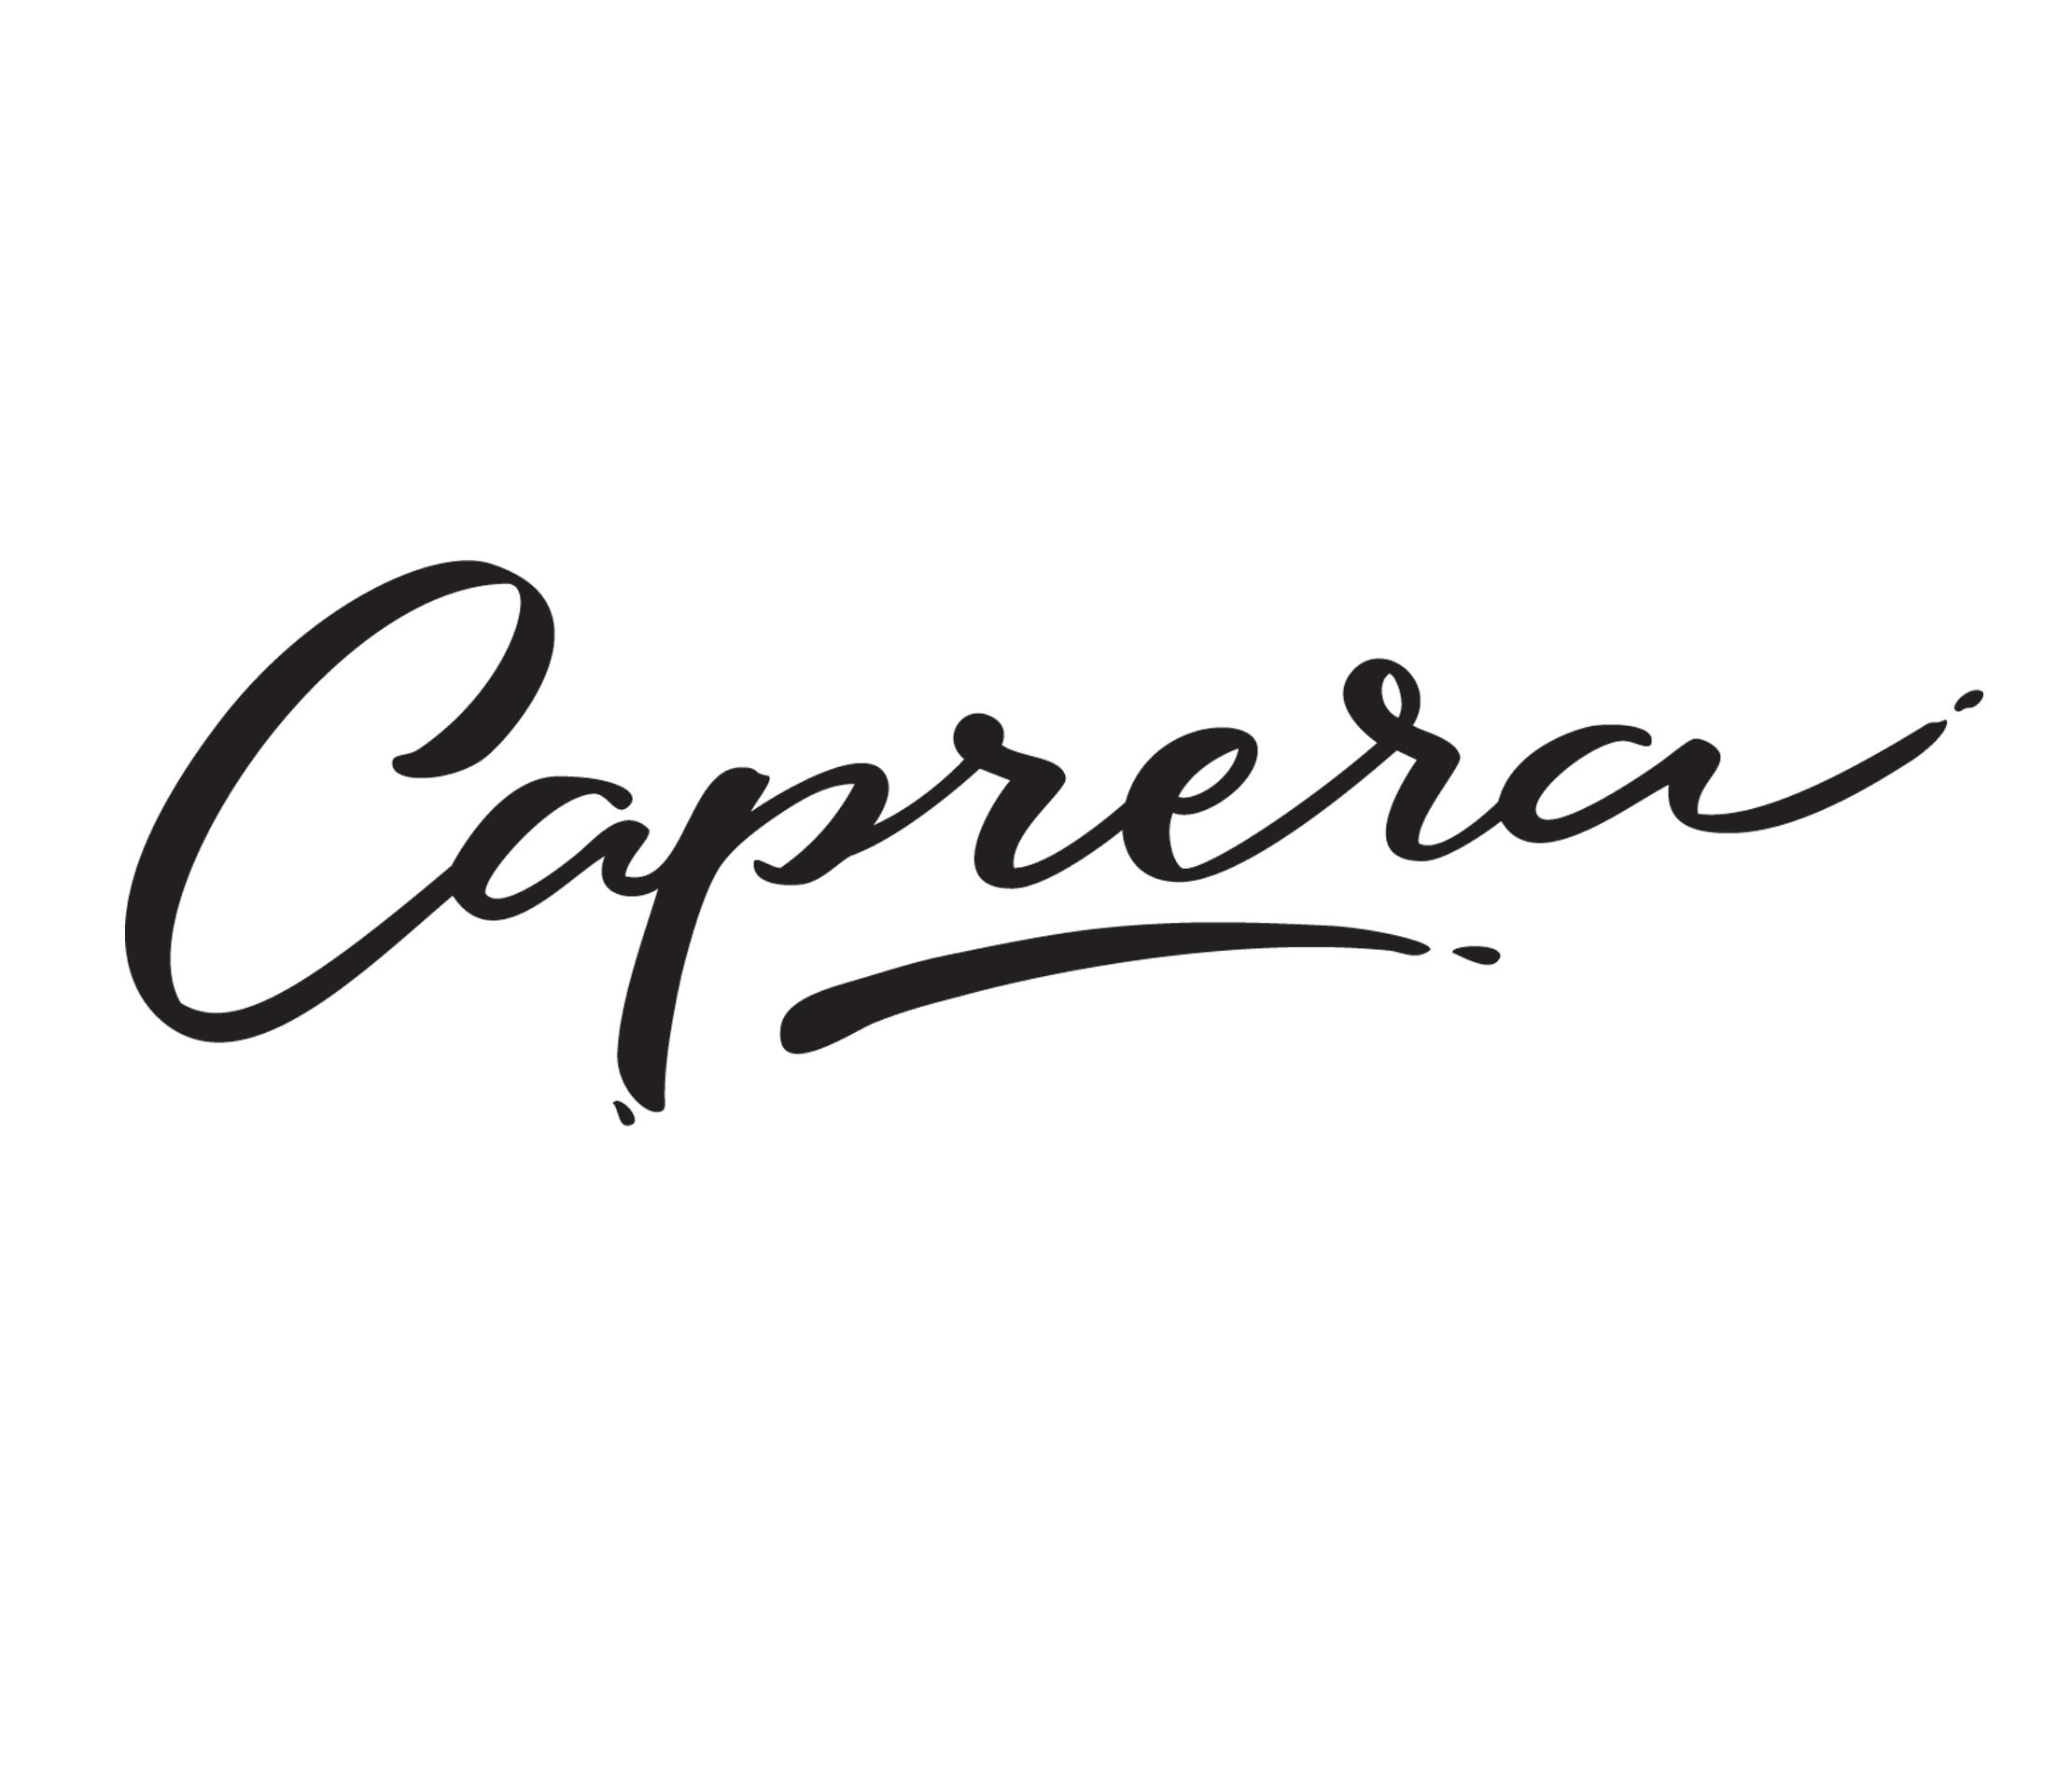 CAPRERA LOGO.jpg